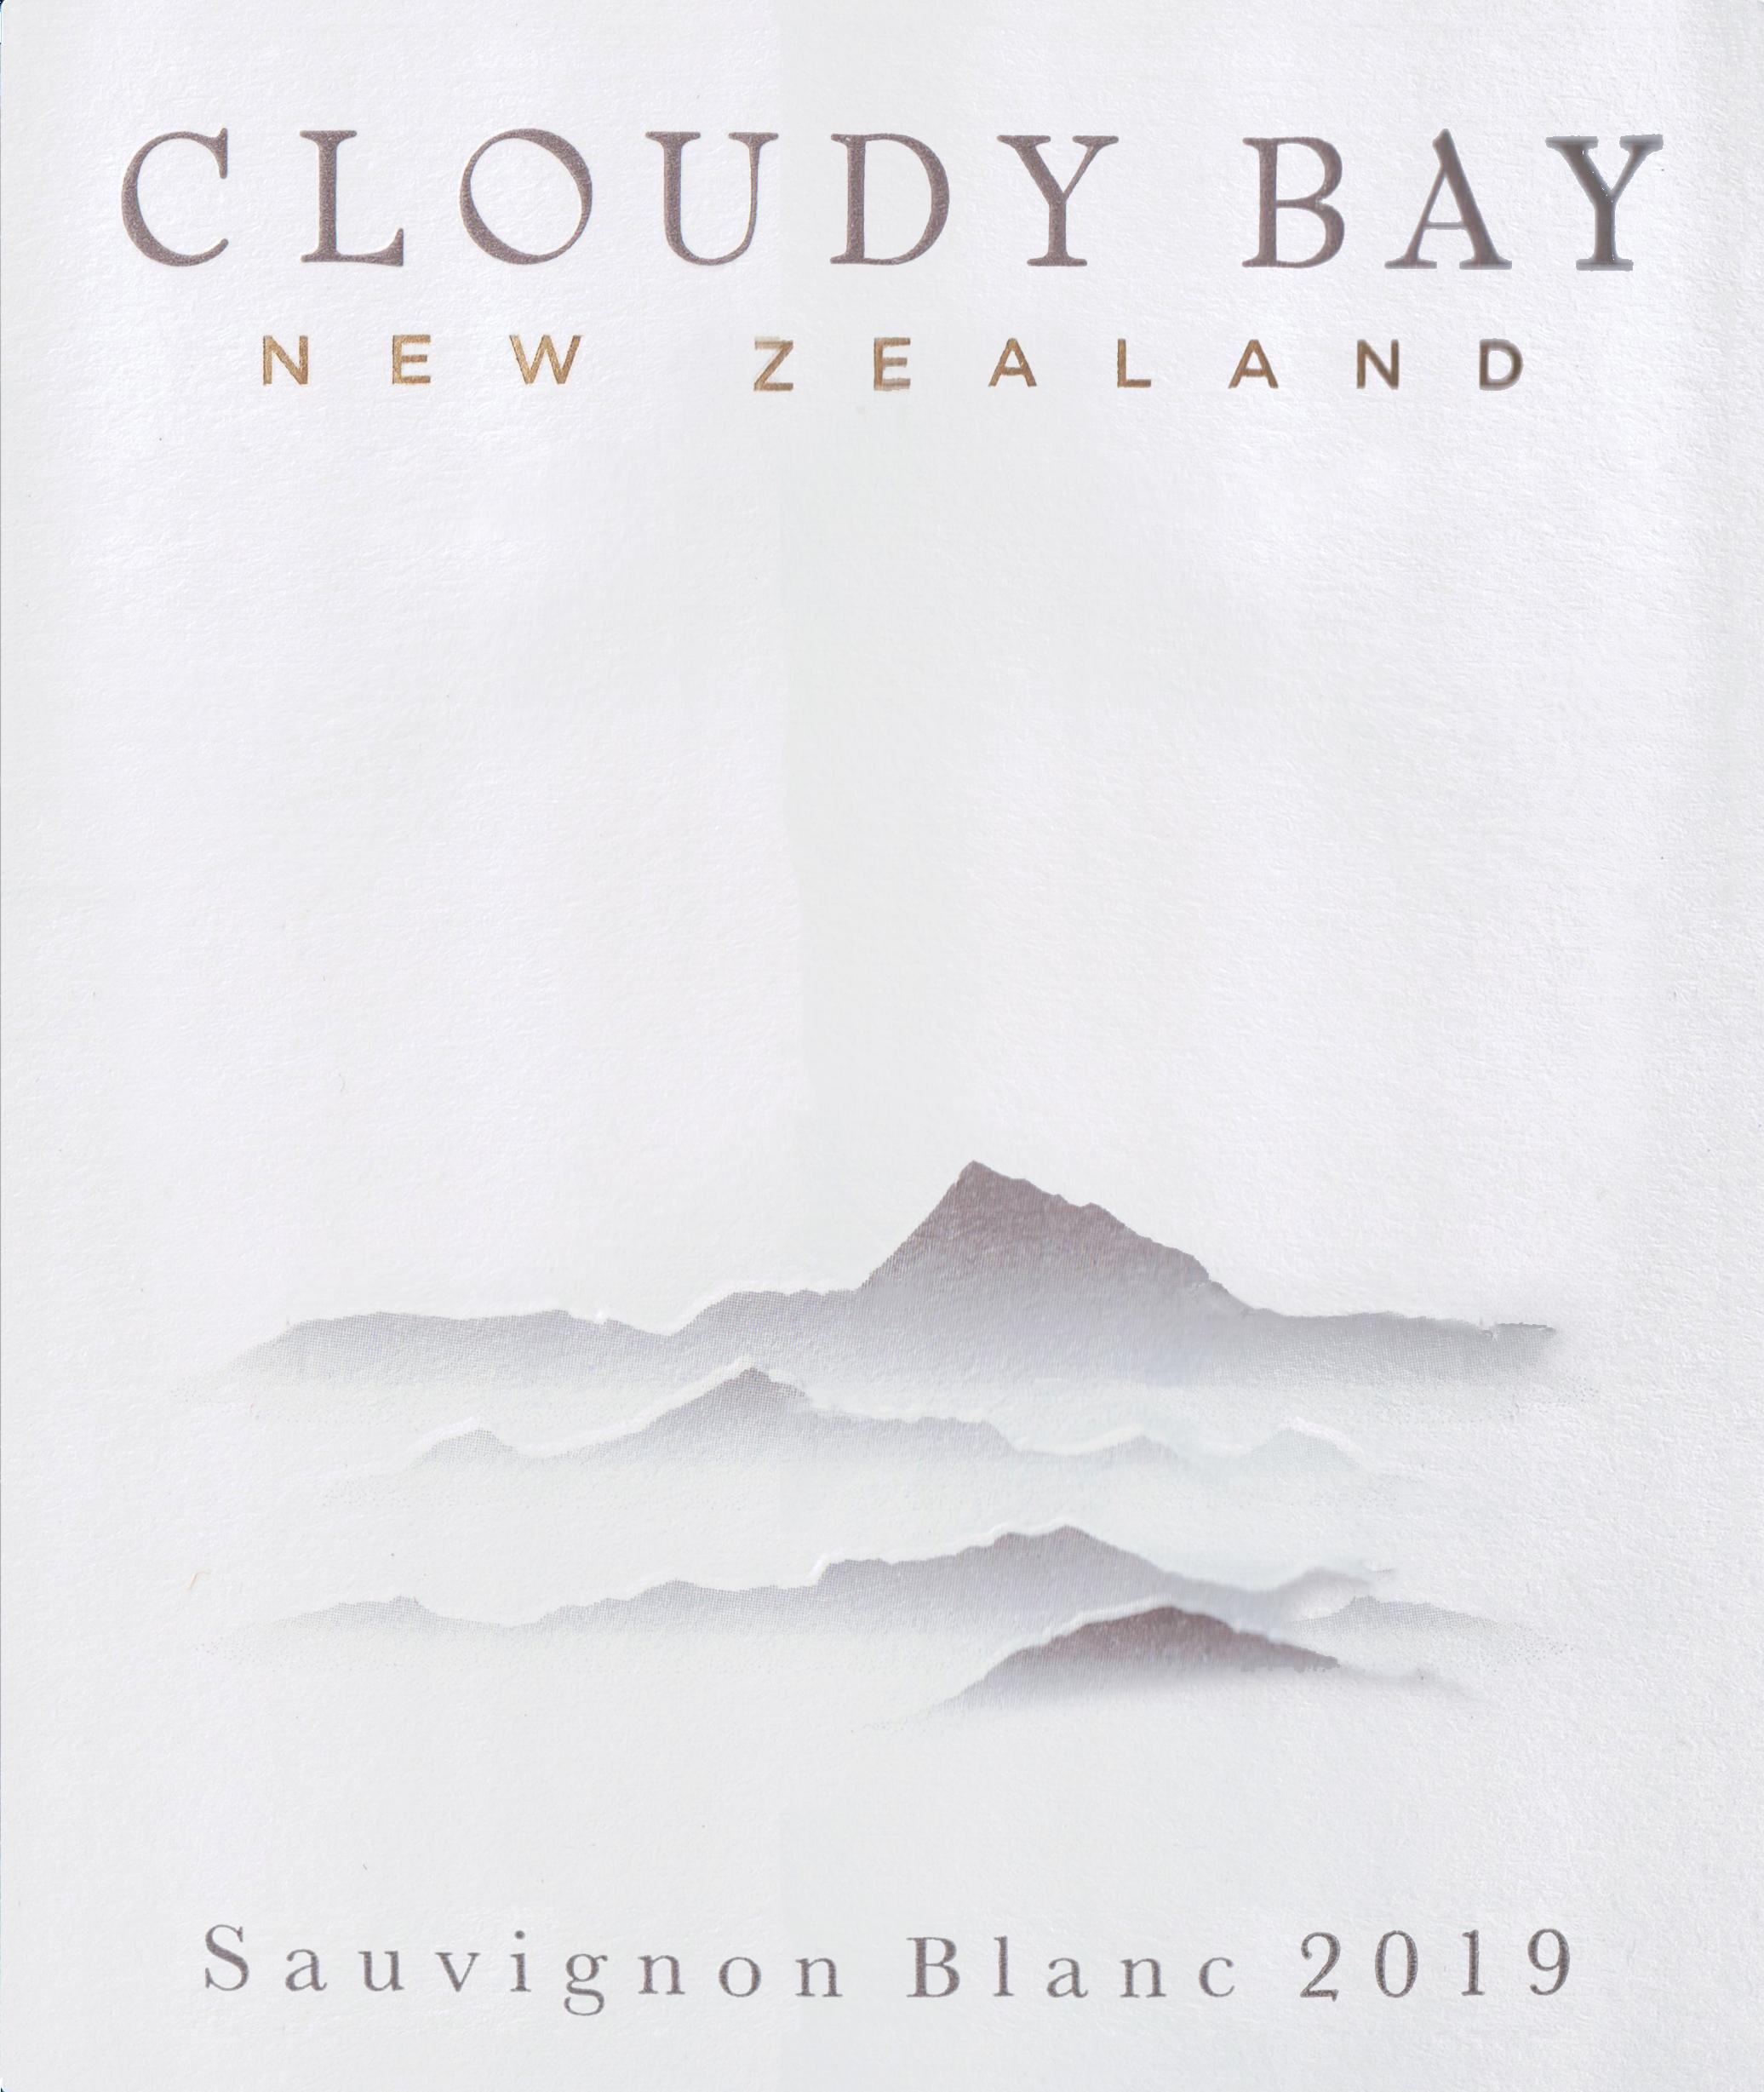 Cloudy Bay Sauvignon Blanc 2019